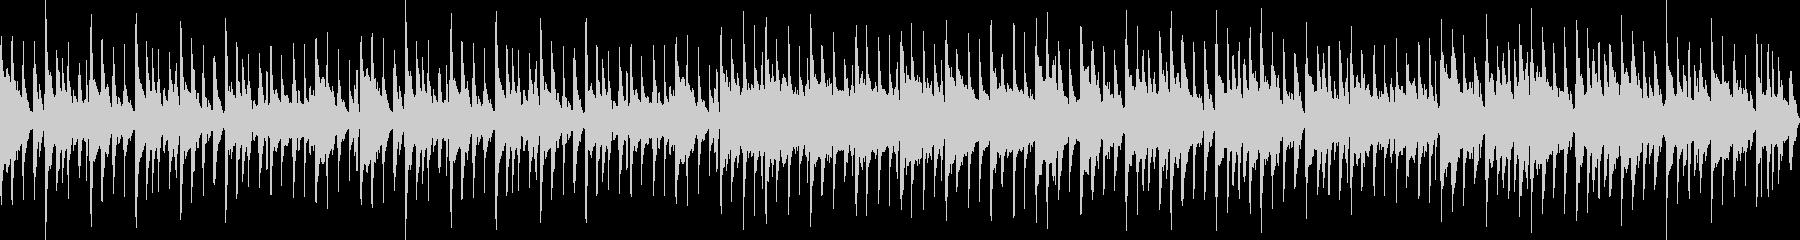 イージーリスニング ストリングス ...の未再生の波形